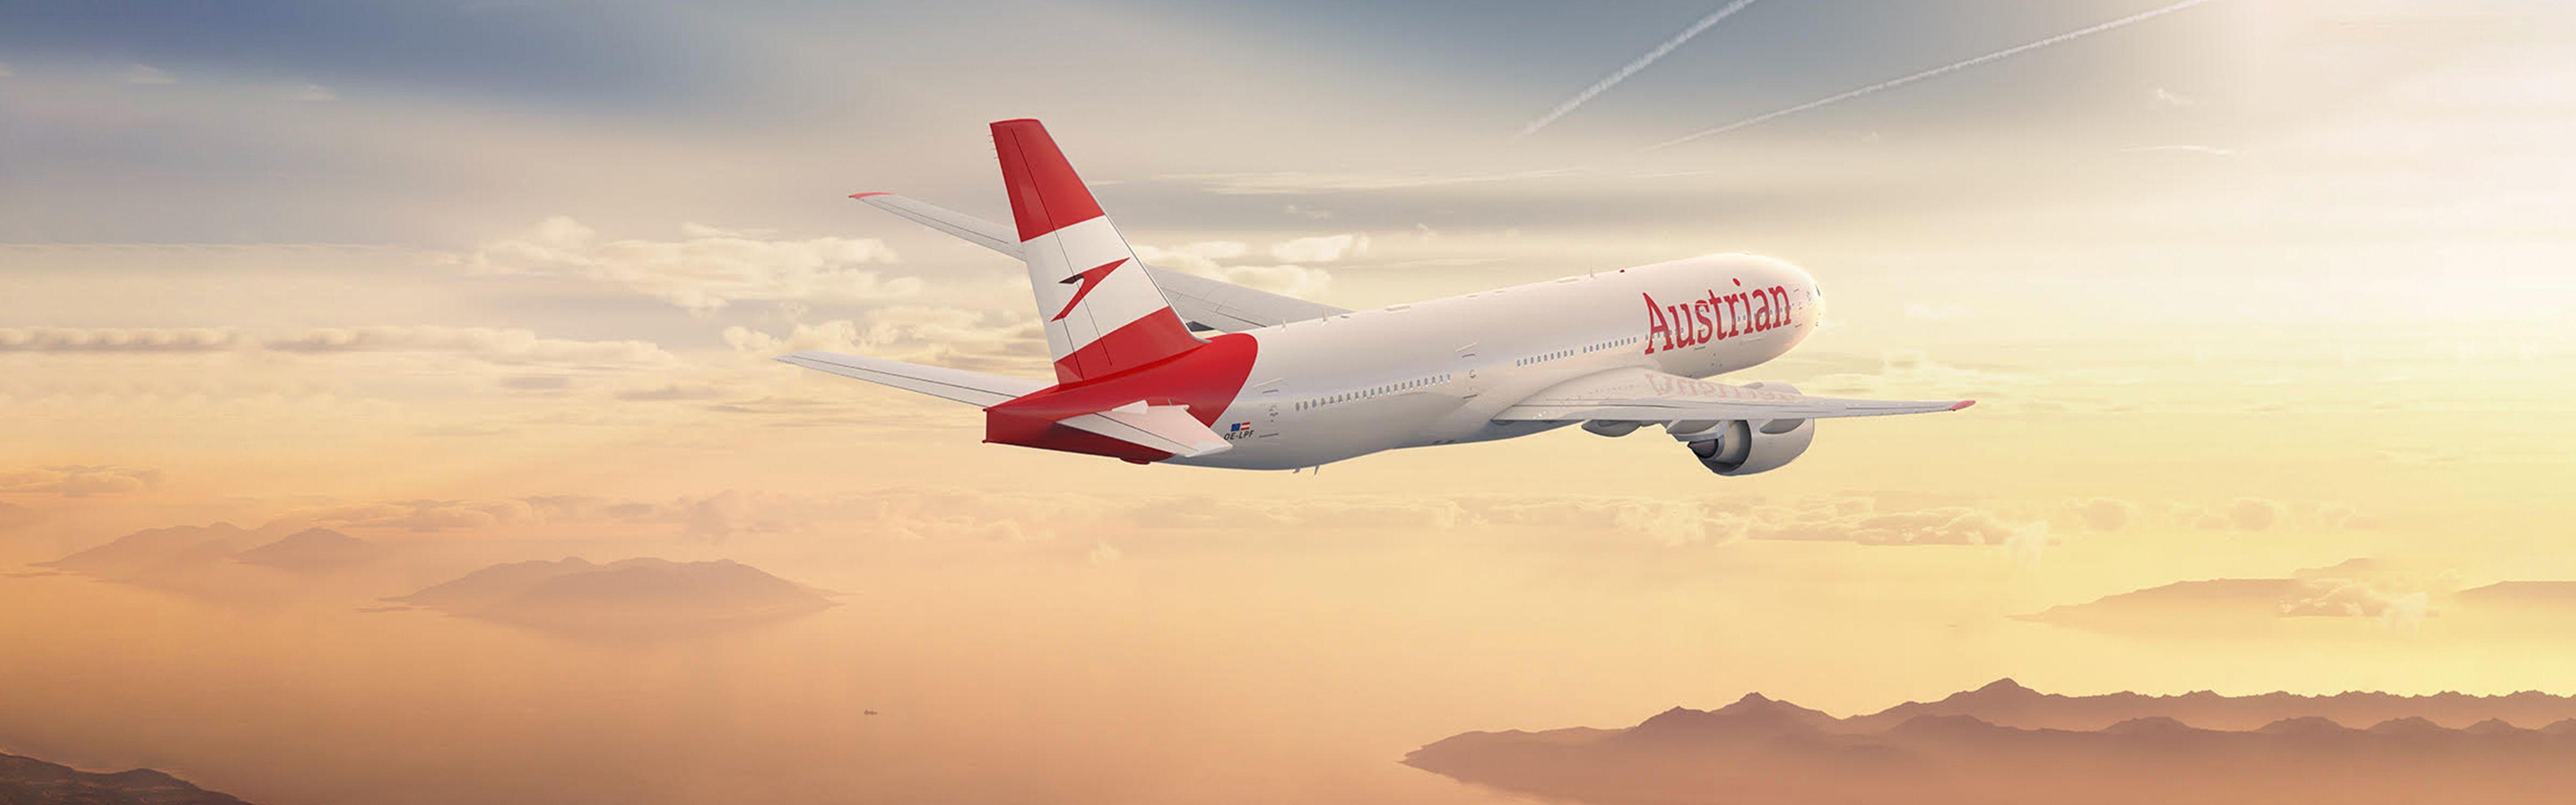 奥地利航空全新品牌宣传活动:华尔兹舞向世界